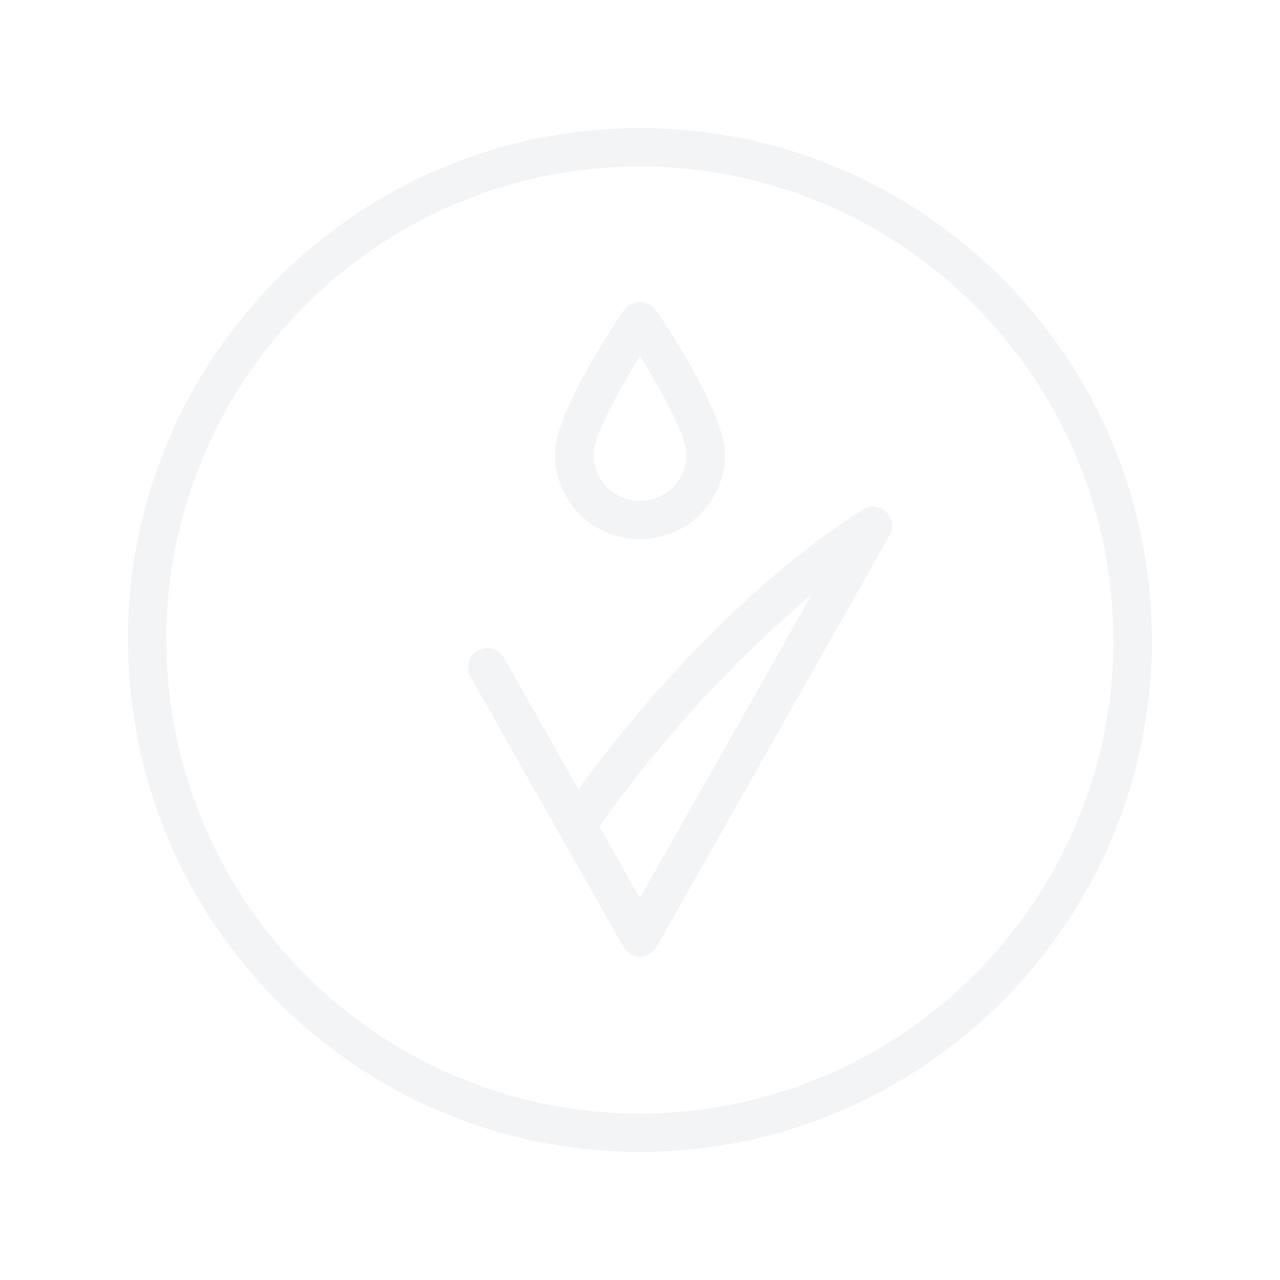 MISSHA Phytochemical Tannin Sheet Mask 25ml